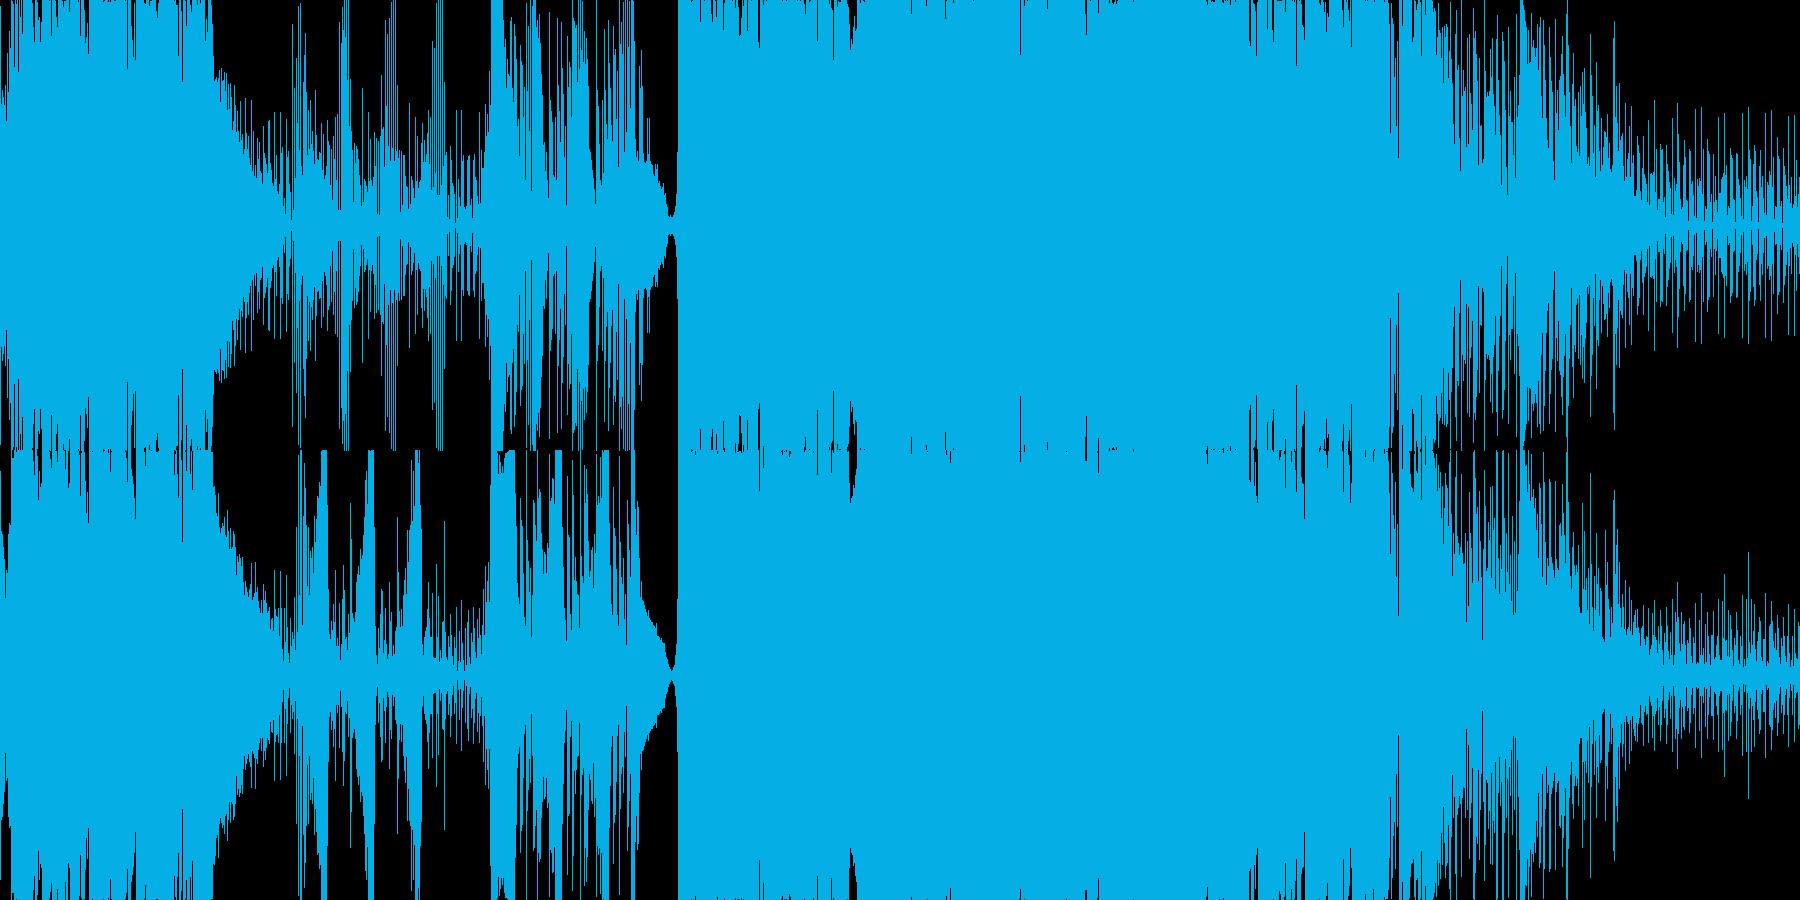 ピアノが動き回るエレクトロニカ ループの再生済みの波形